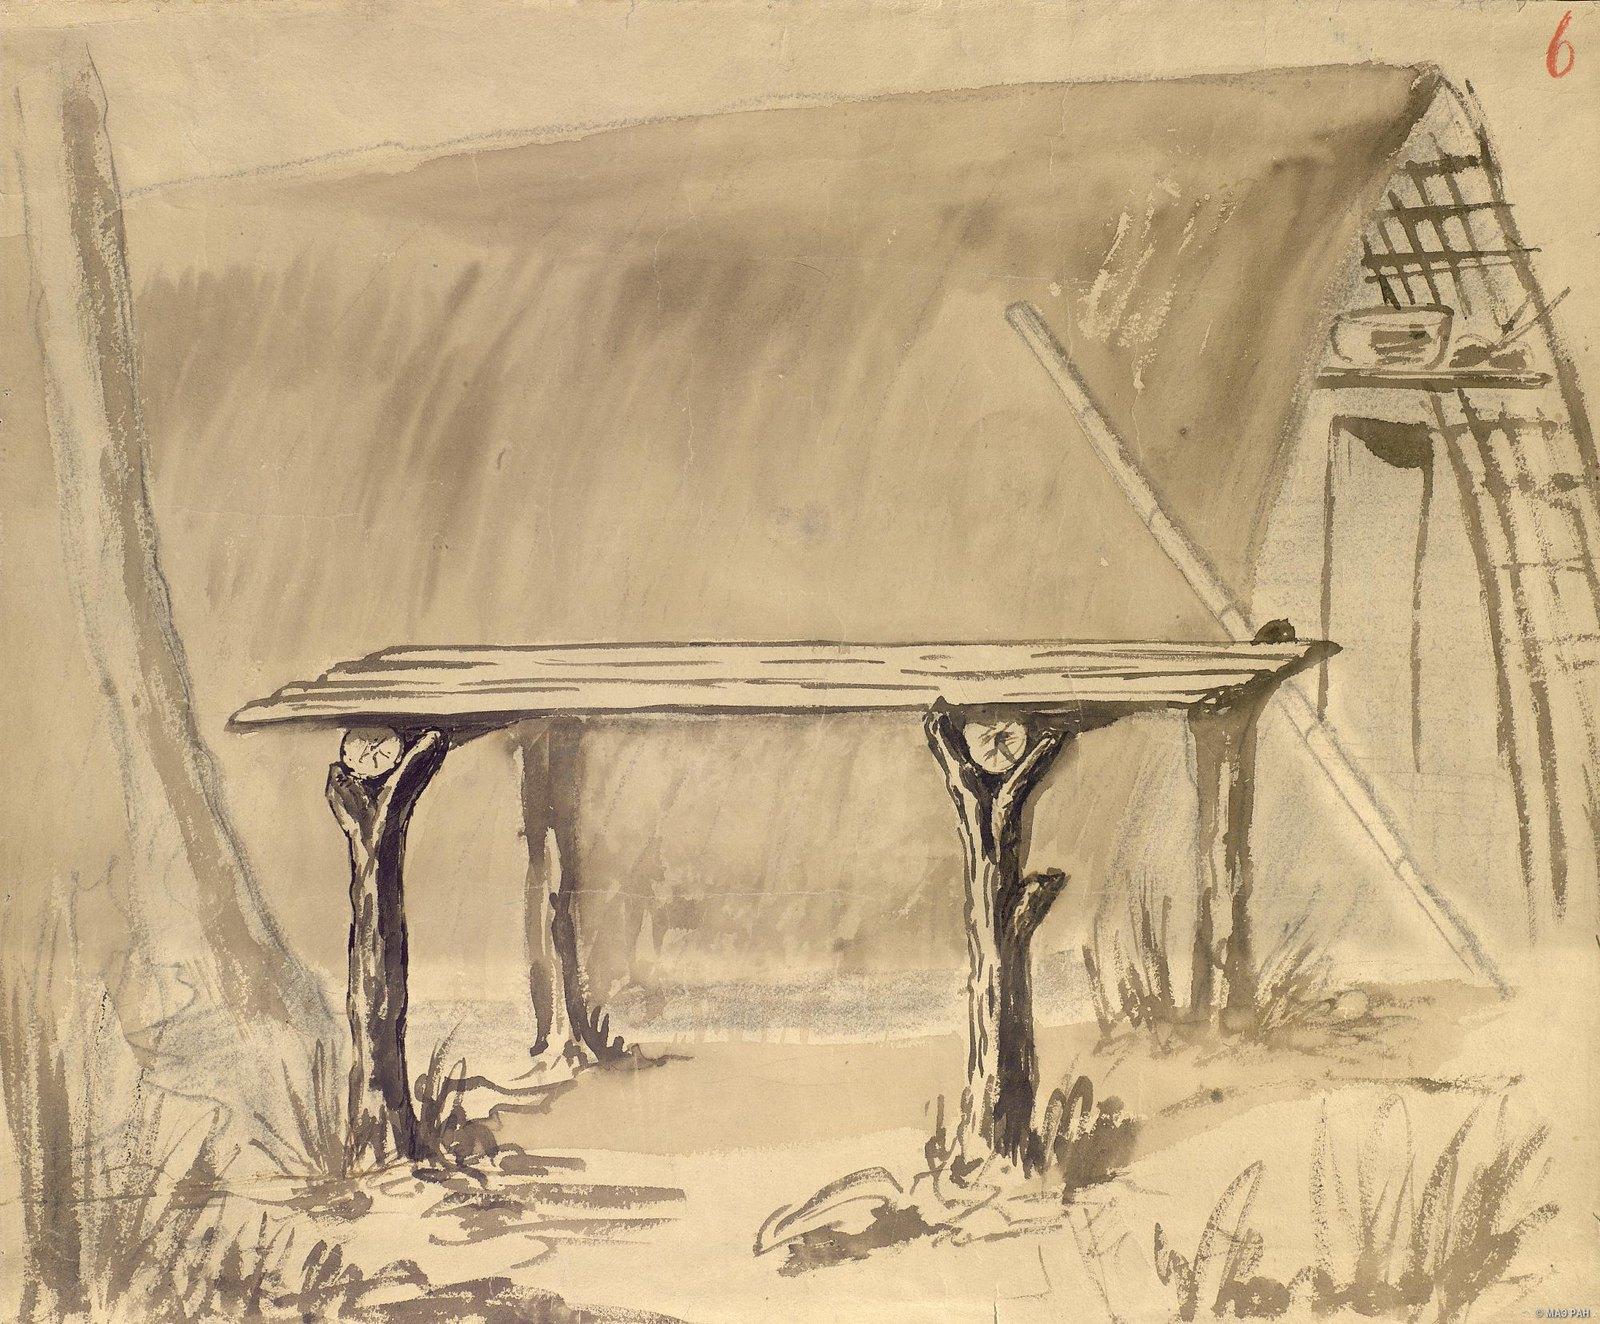 1880-е. Помост «барла», на котором папуасы едят и спят. Папуасы Новой Гвинеи